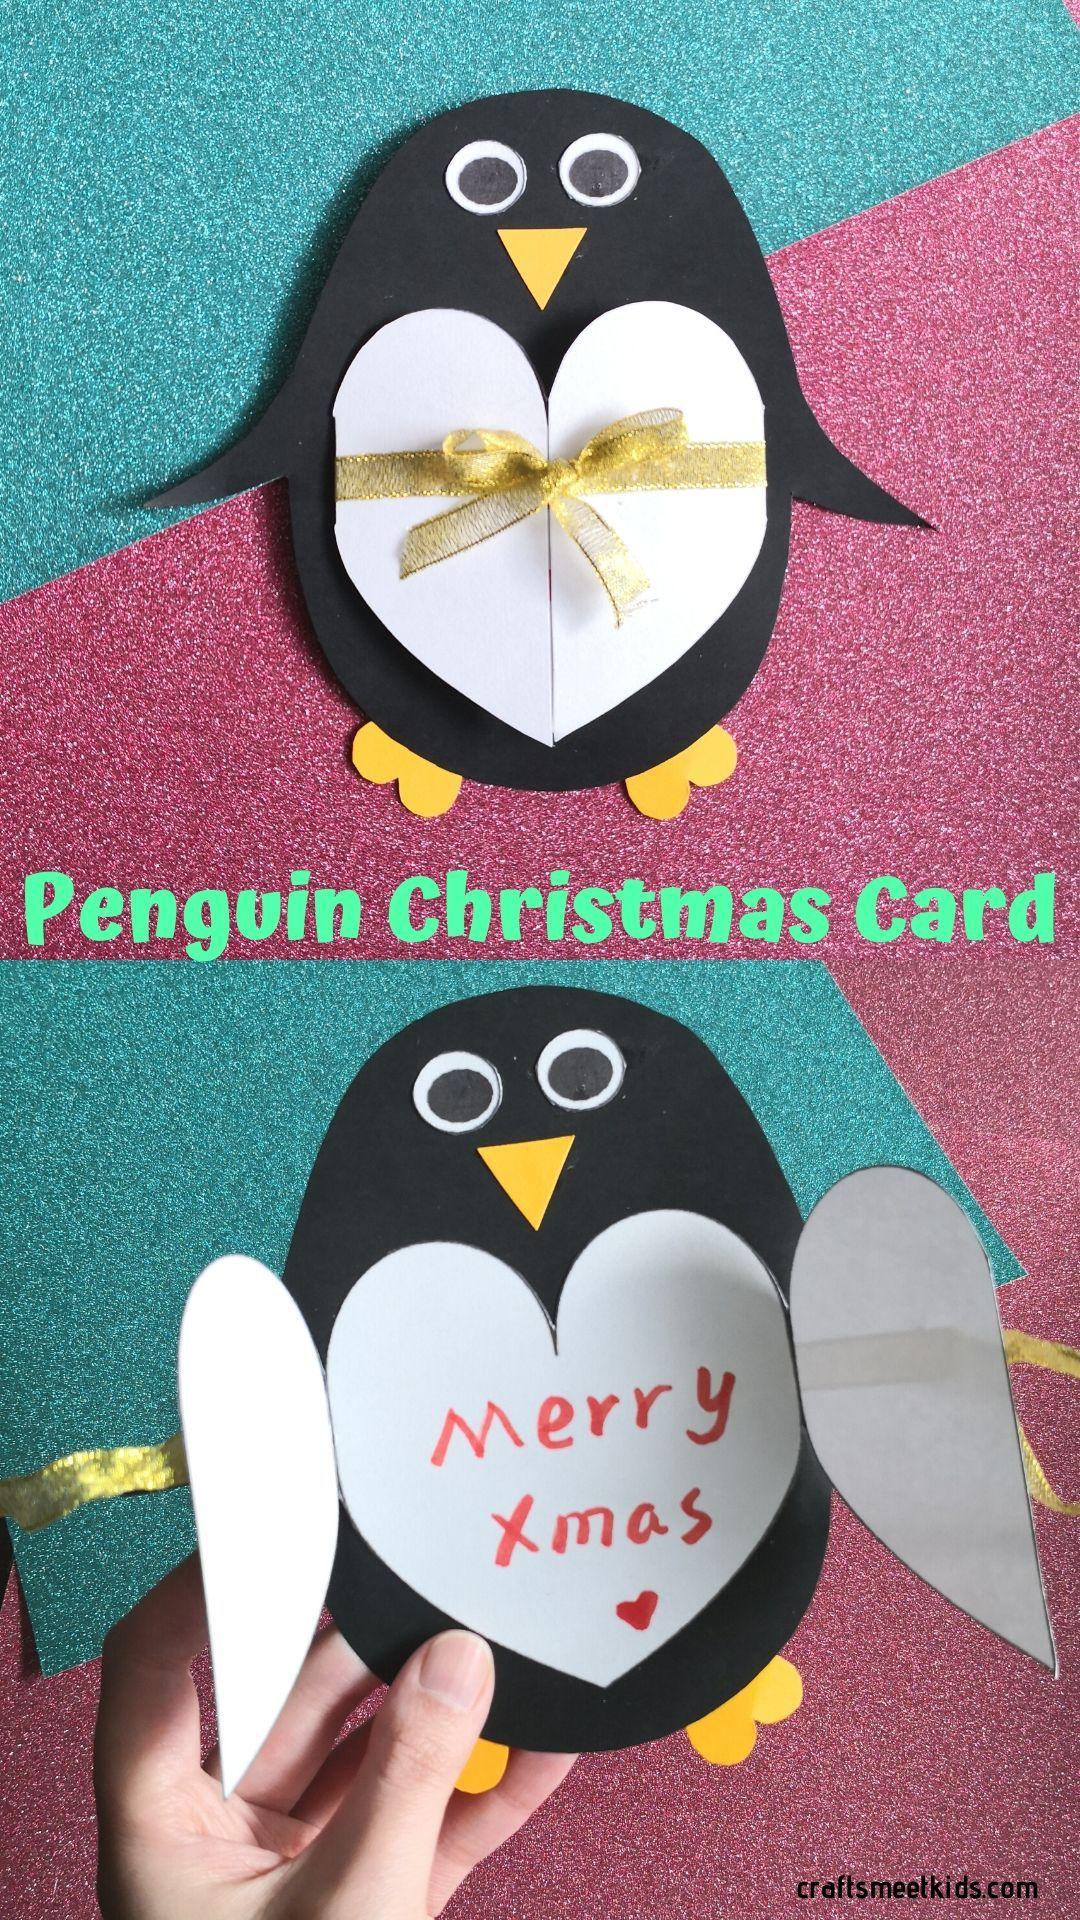 Penguin Christmas Card For Kids